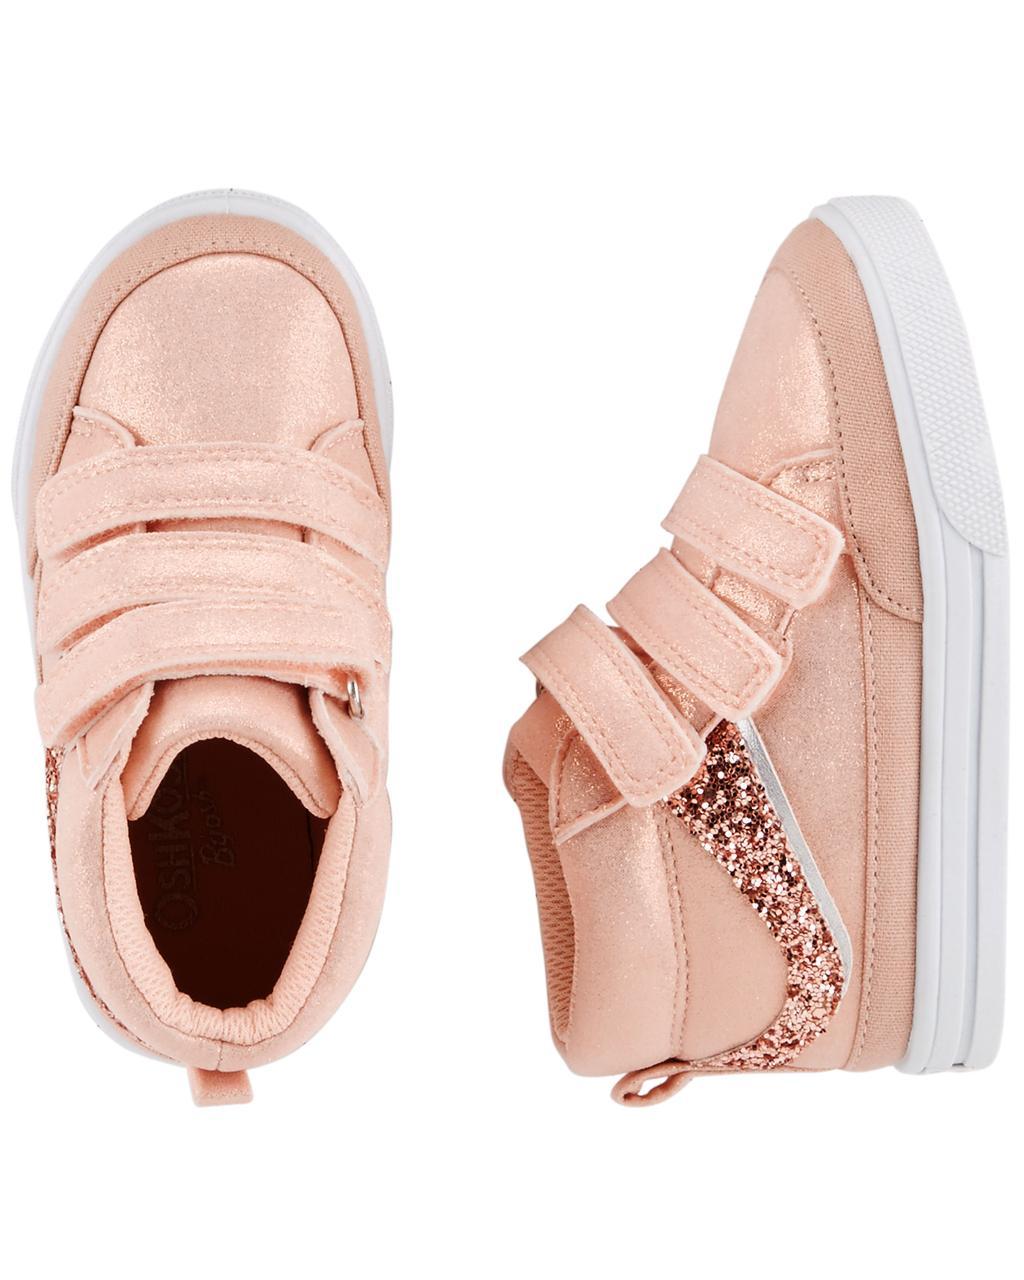 77420c00a Хайтопы детские Carters EUR 24 25 26 27 28 сникерсы ботинки для девочки -  MarkShop -